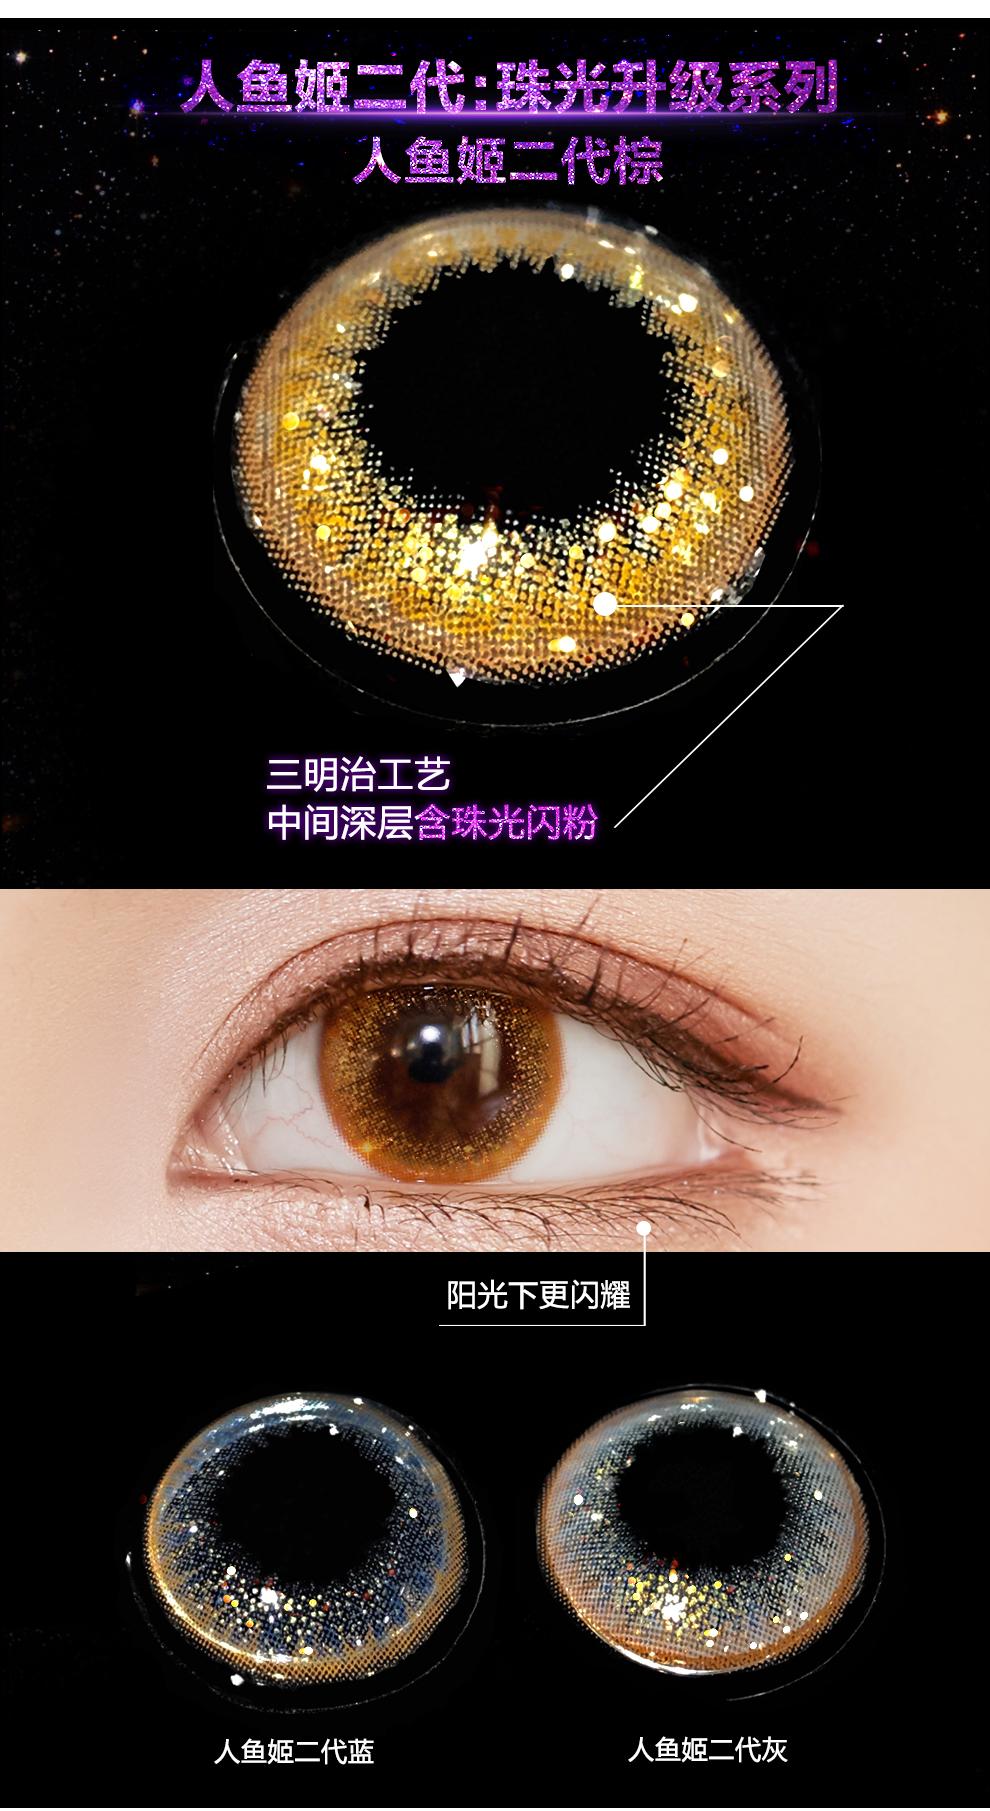 艾乐视人鱼姬2代年抛1片14.20美瞳隐形眼镜佩戴效果